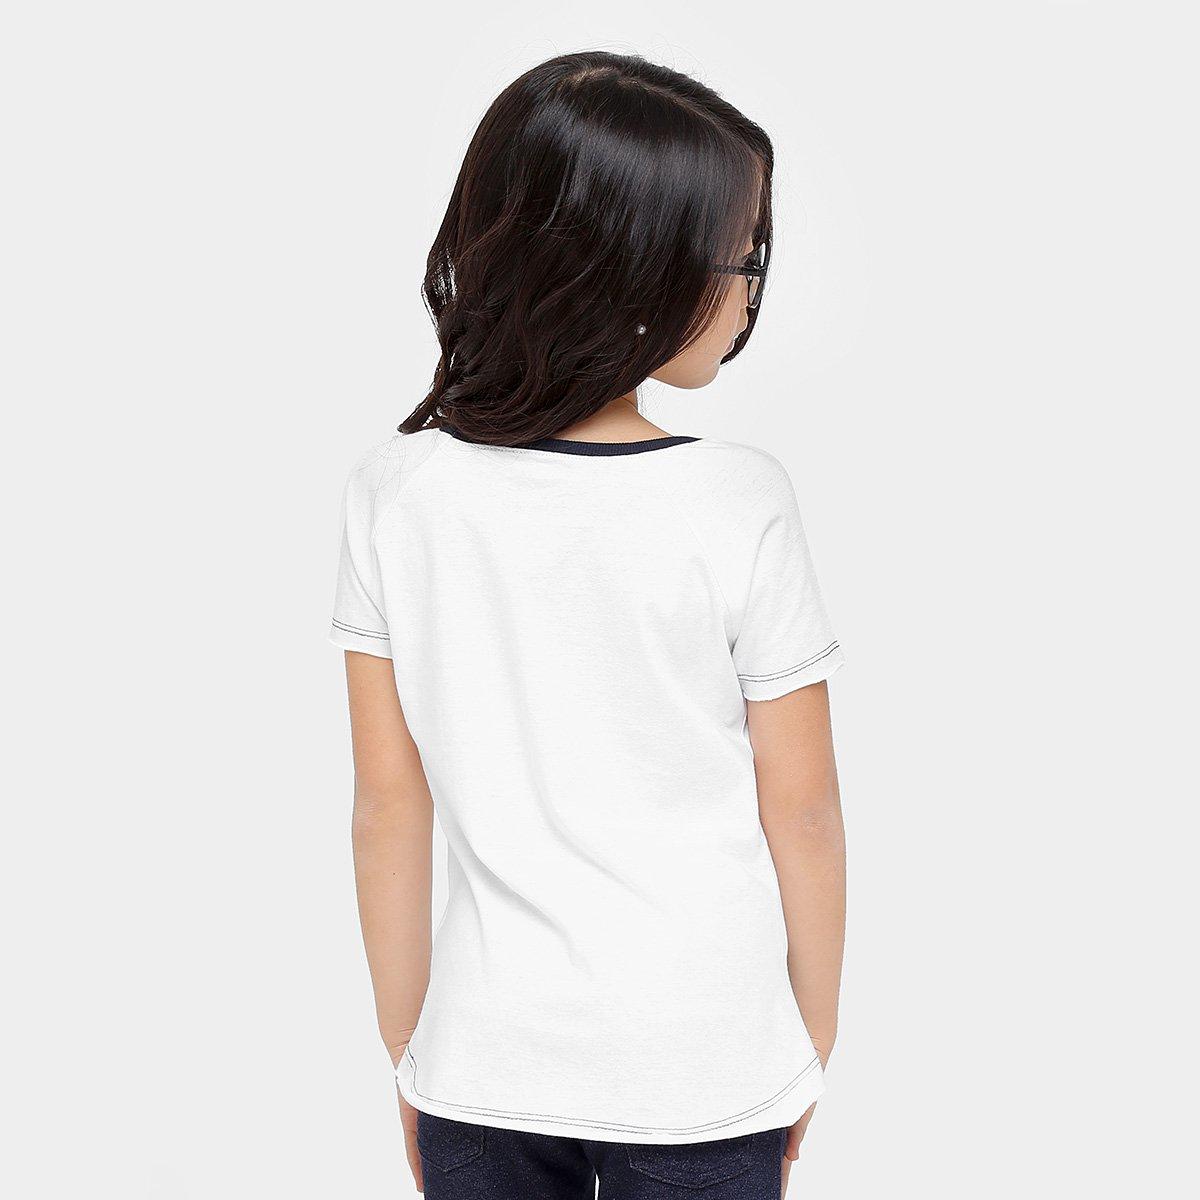 Bela Camiseta Botons Camiseta Disney Botons Infantil Bela Branco Camiseta Infantil Branco Disney w44q1Ff